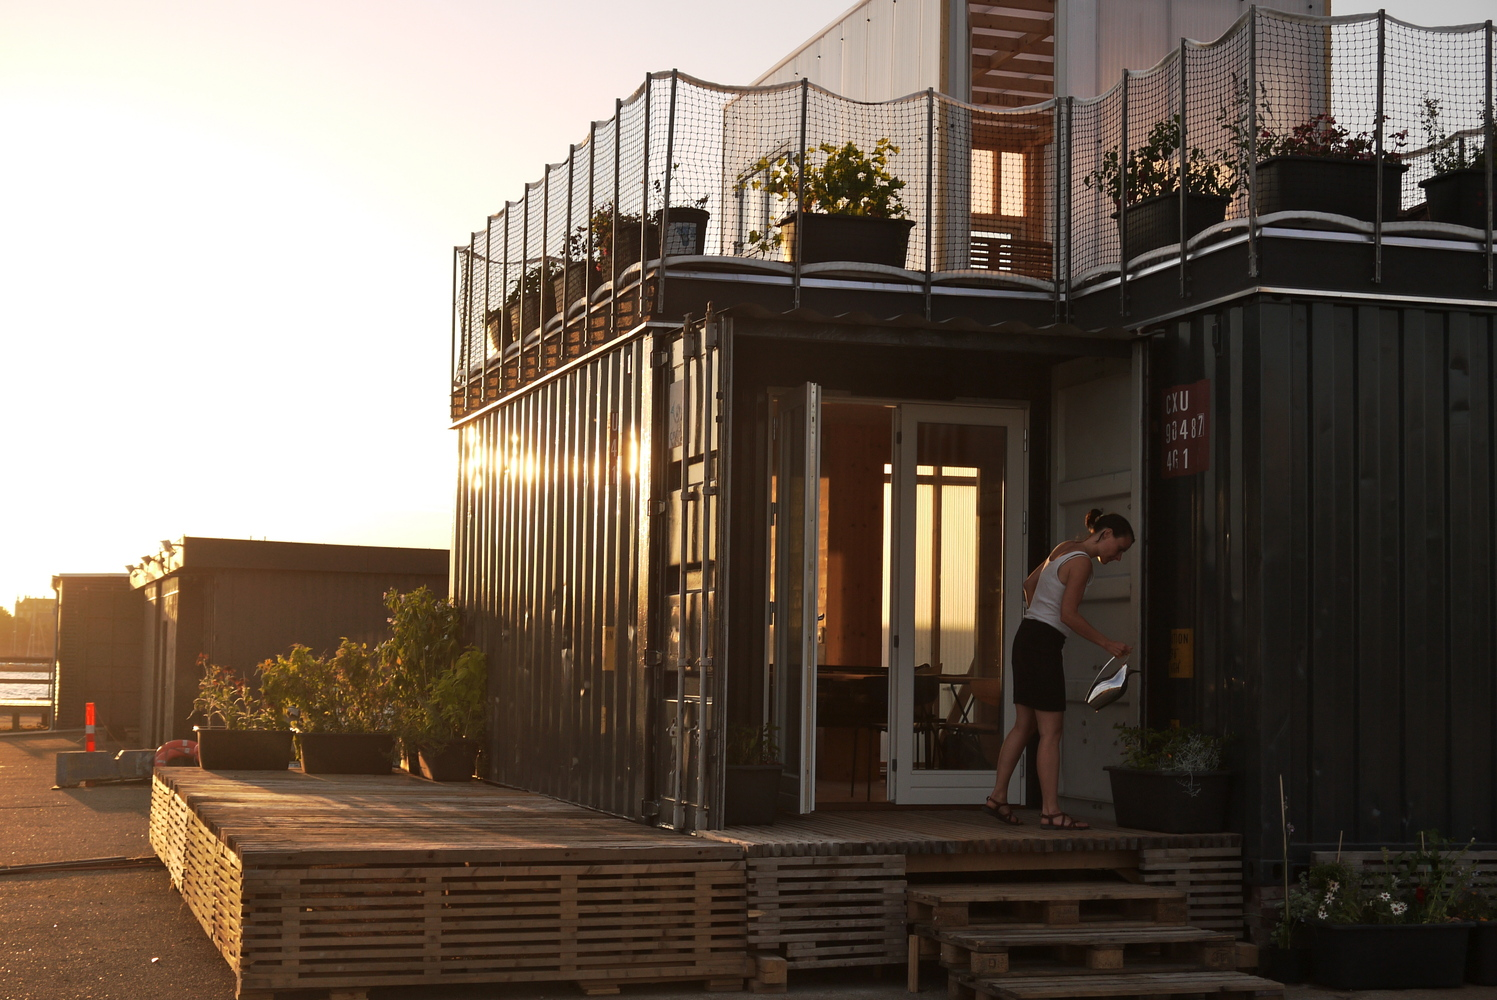 Arquiteto dinamarquês cria vila estudantil feita em contêineres